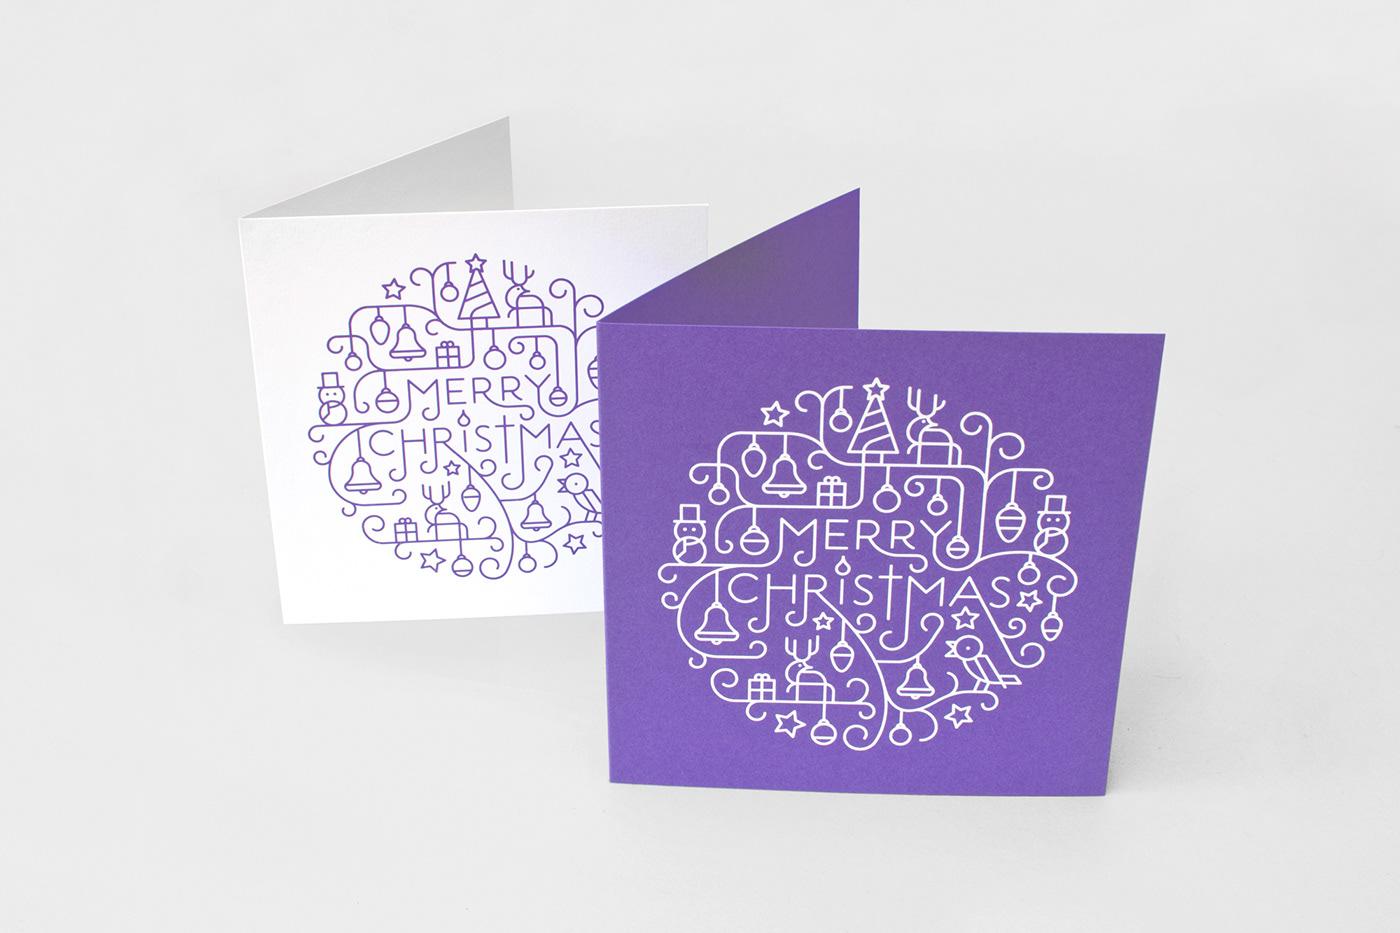 有獨特感的34套聖誕卡片設計欣賞